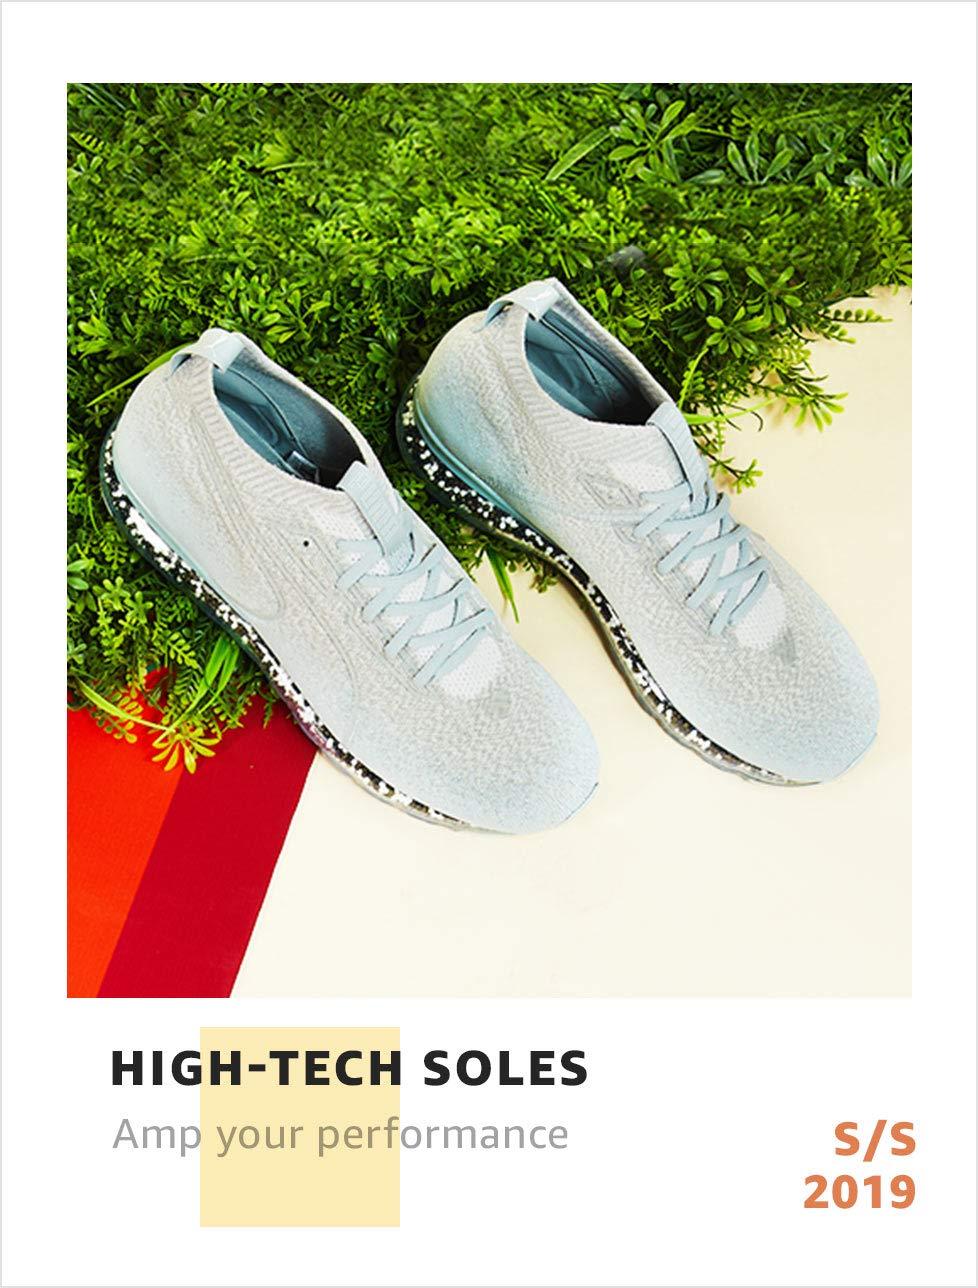 High tech soles